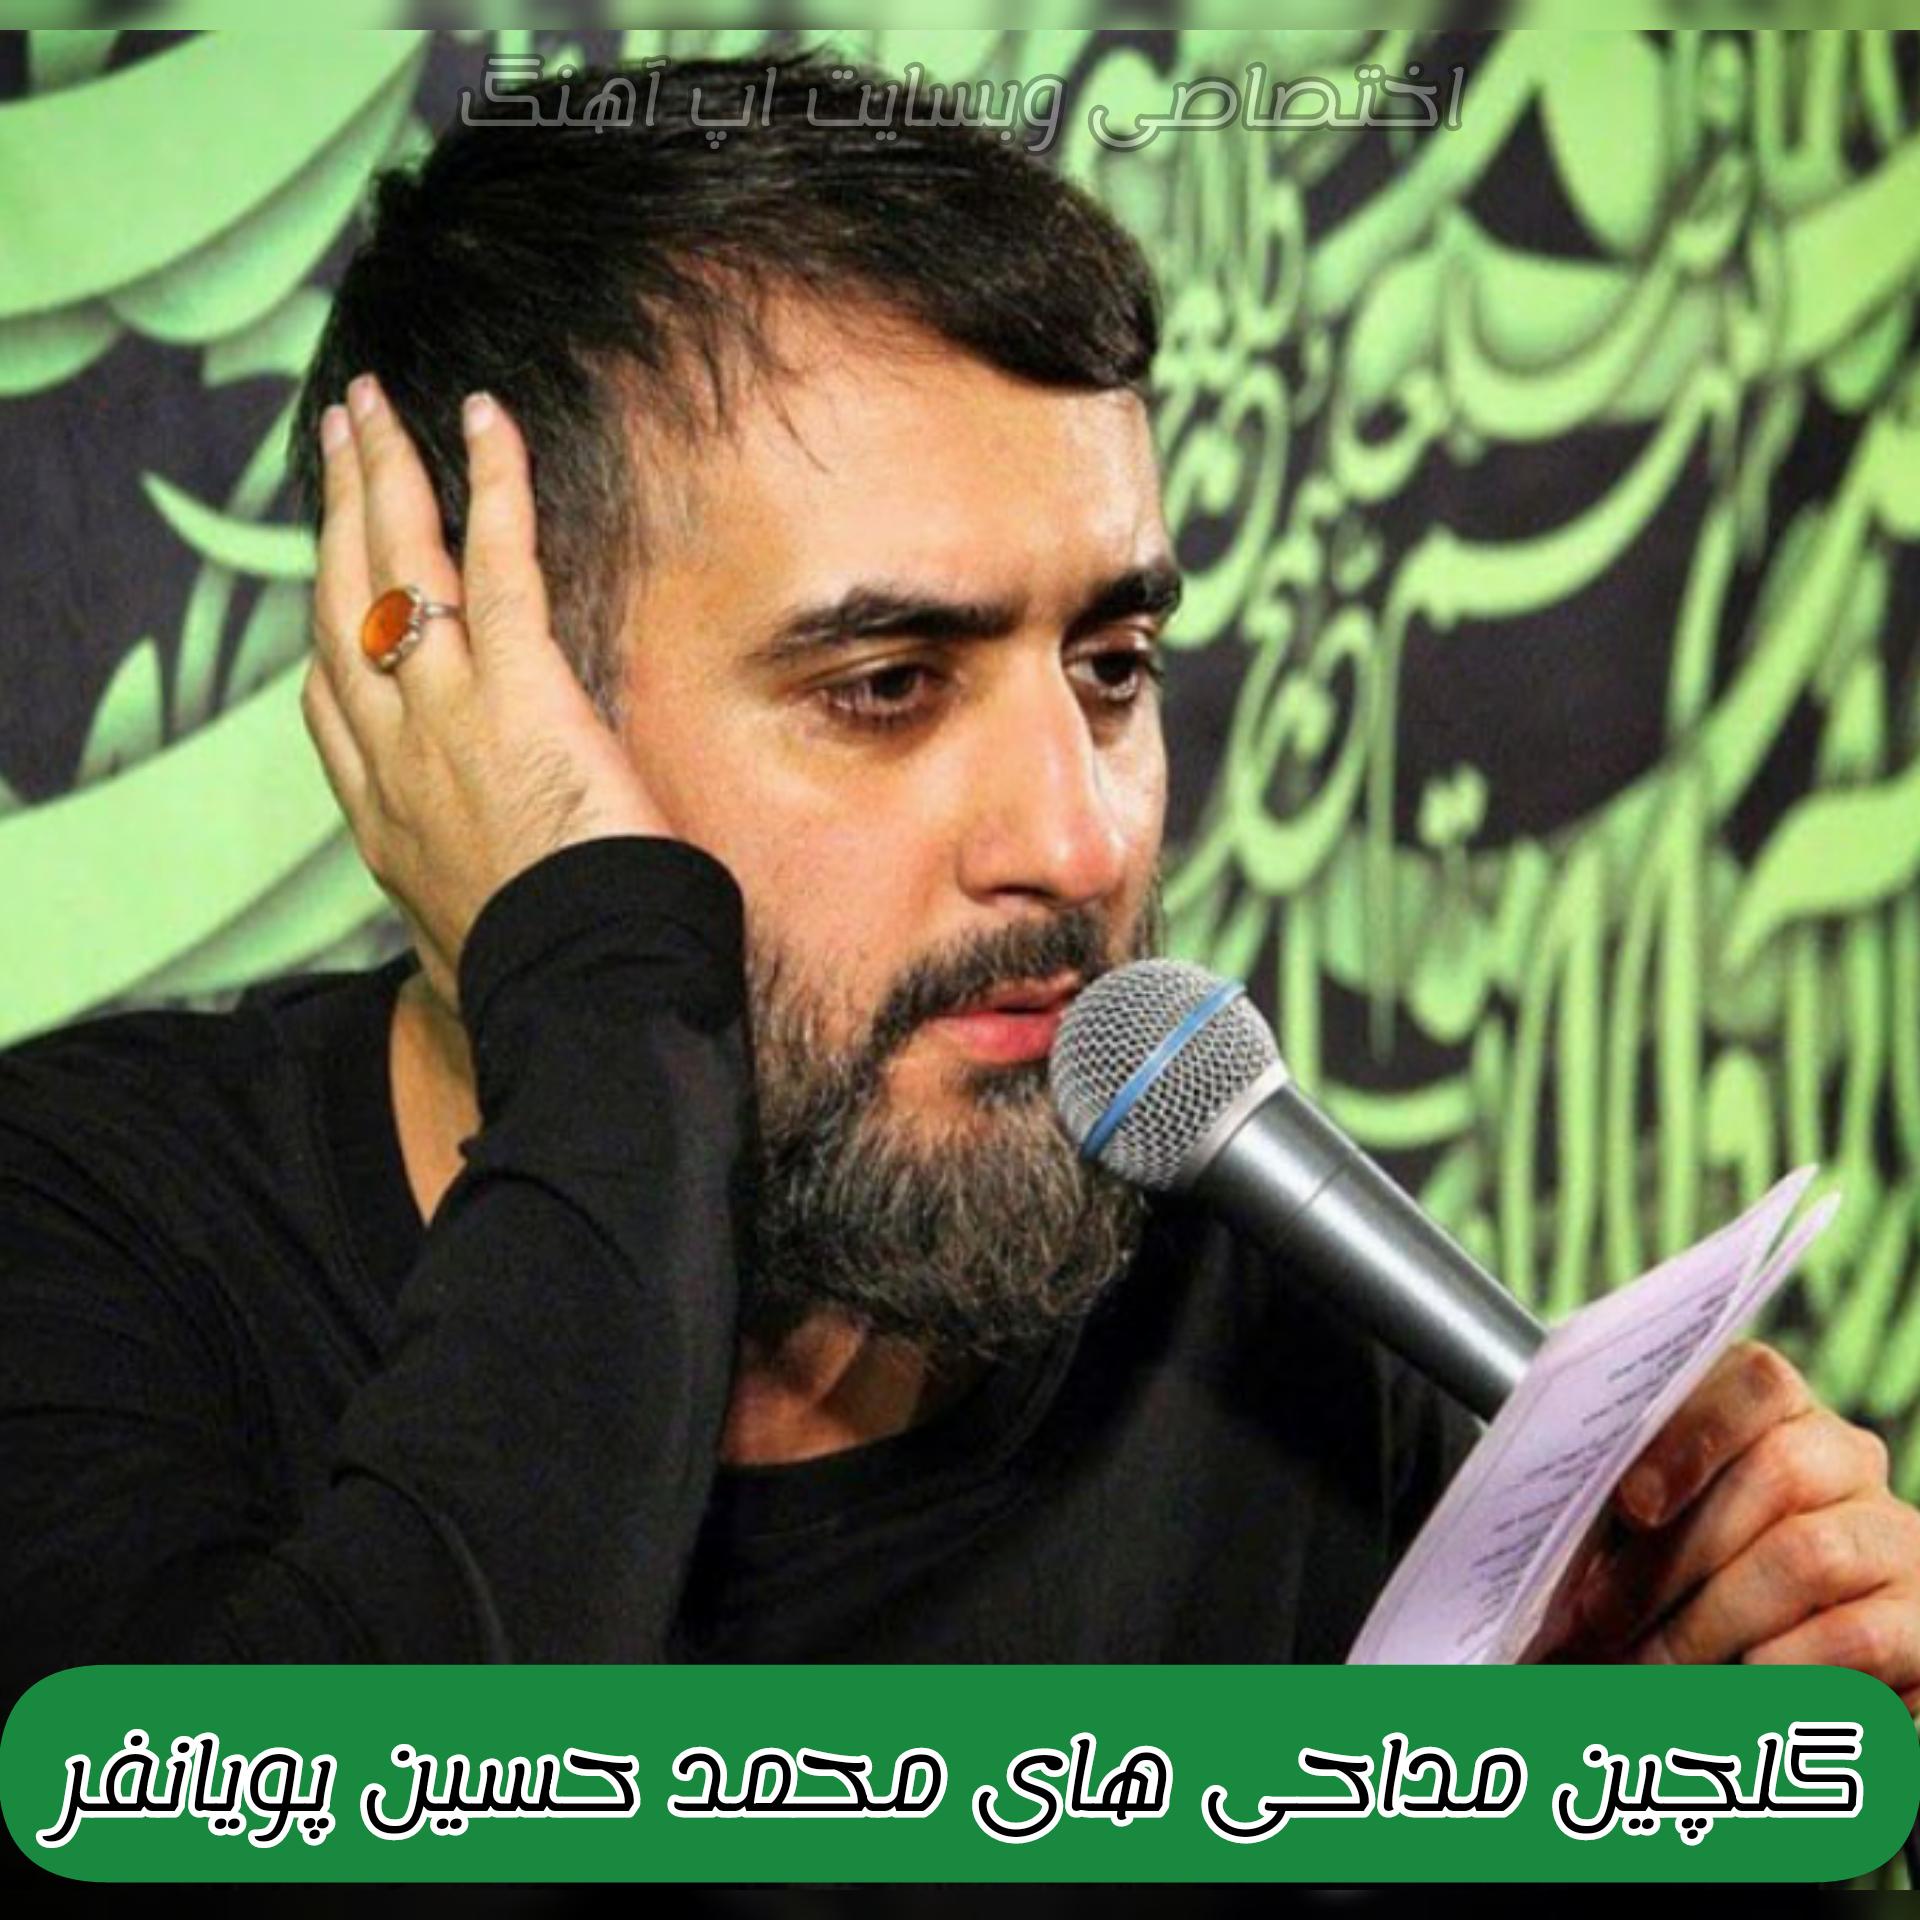 گلچین مداحی های محمد حسین پویانفر